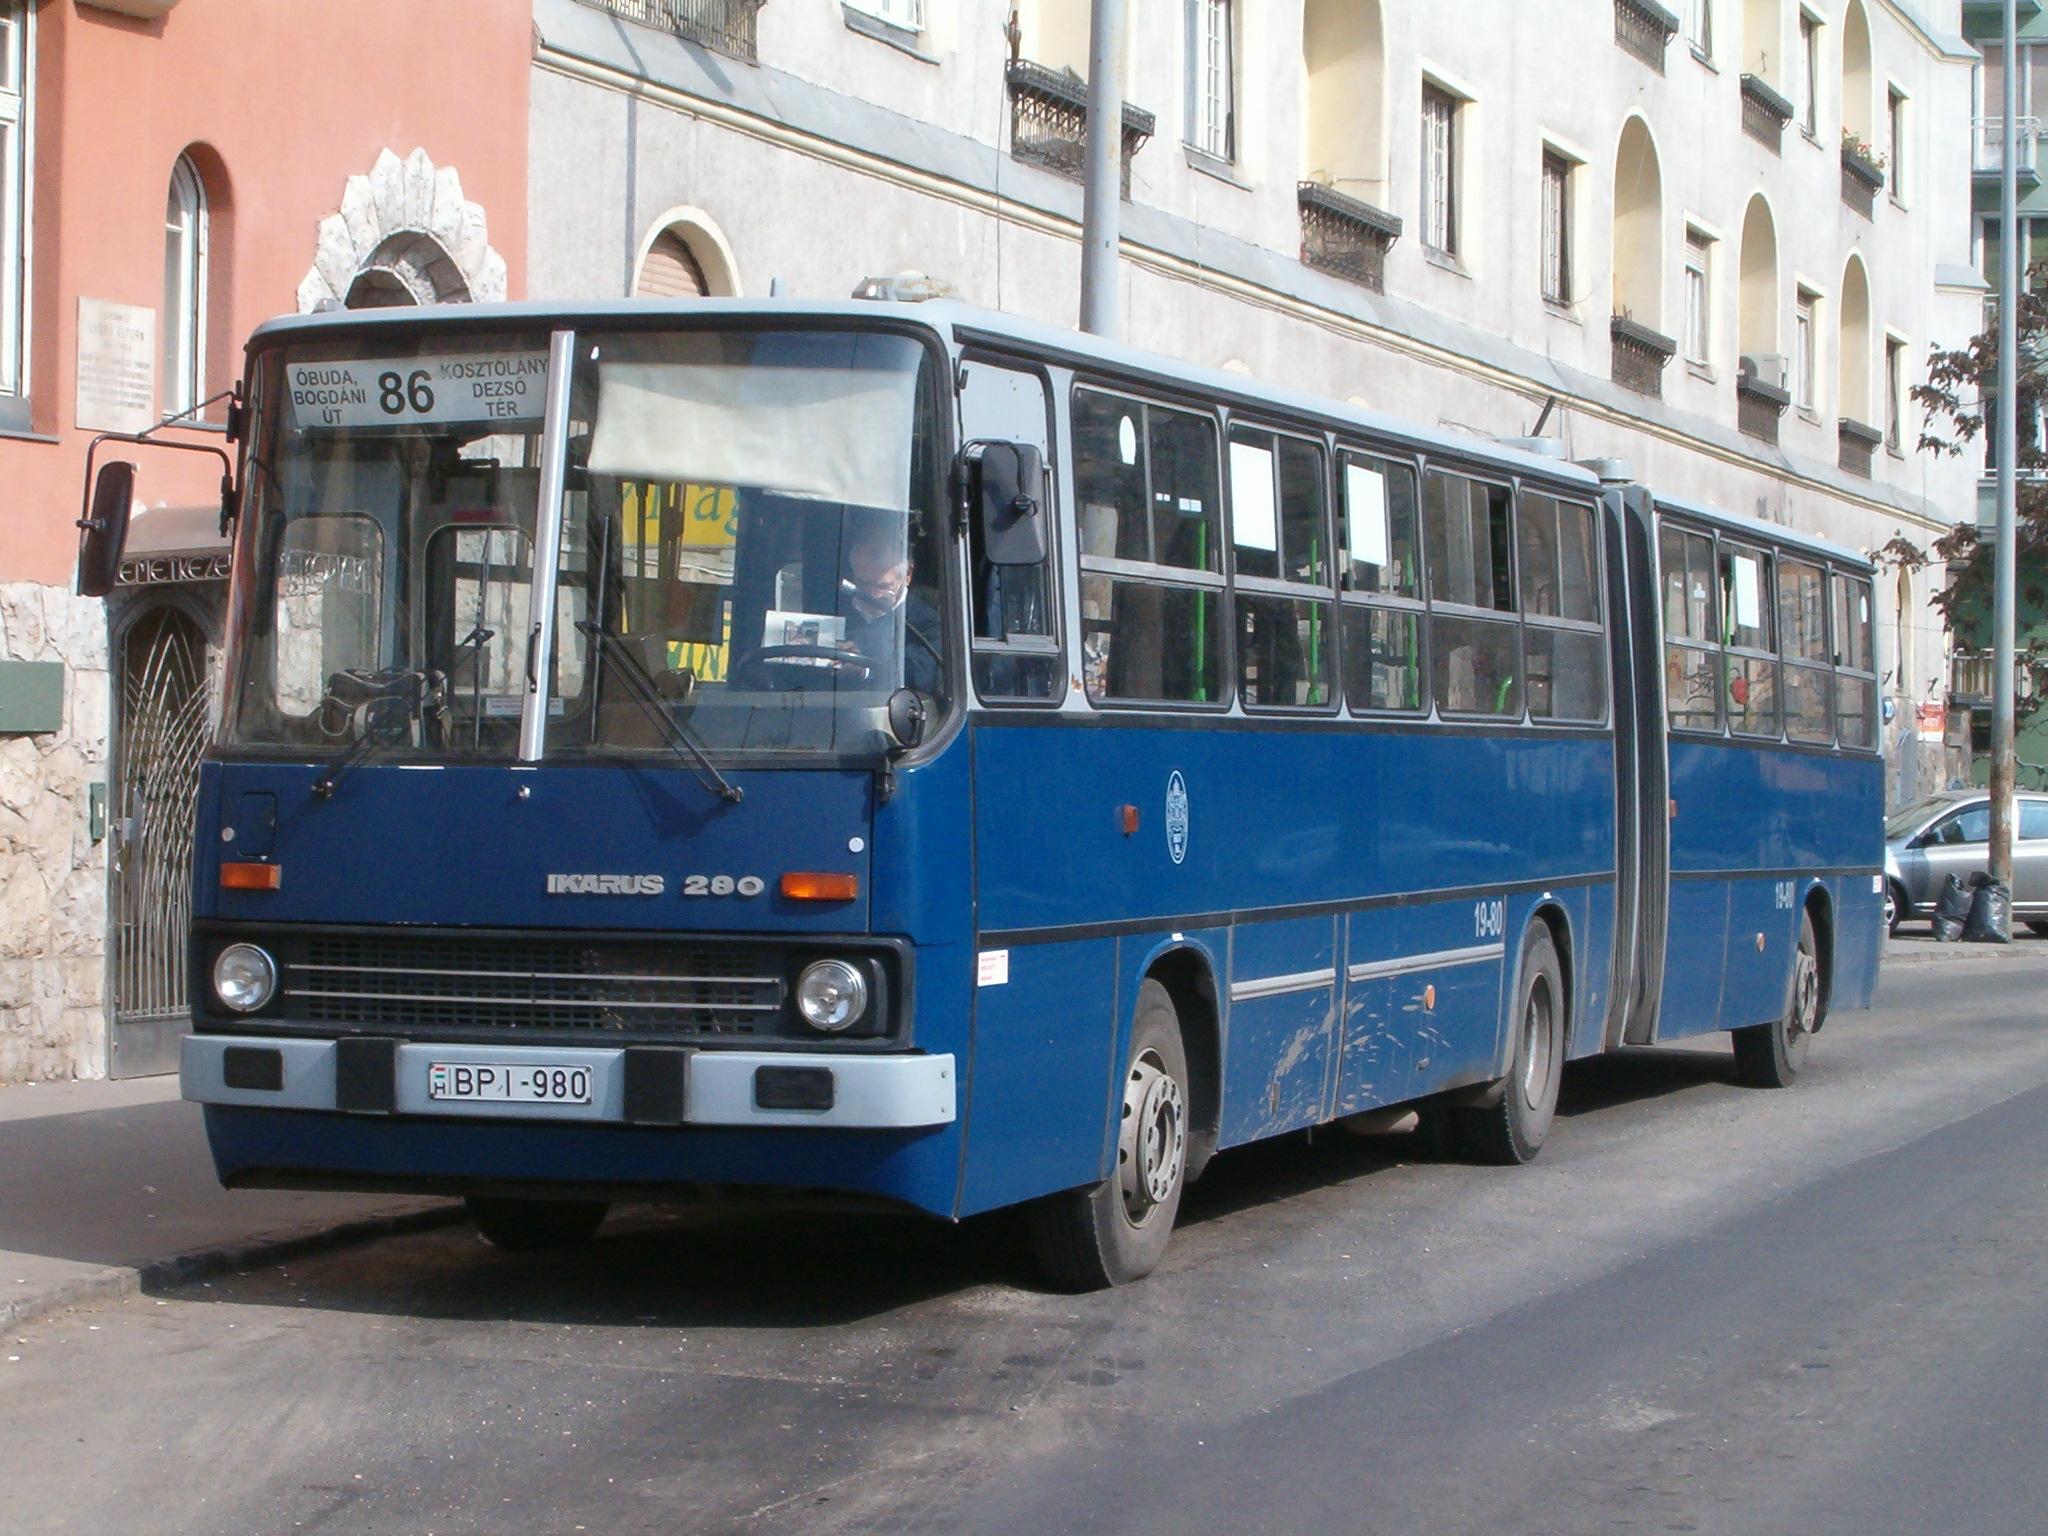 hpim4176.JPG